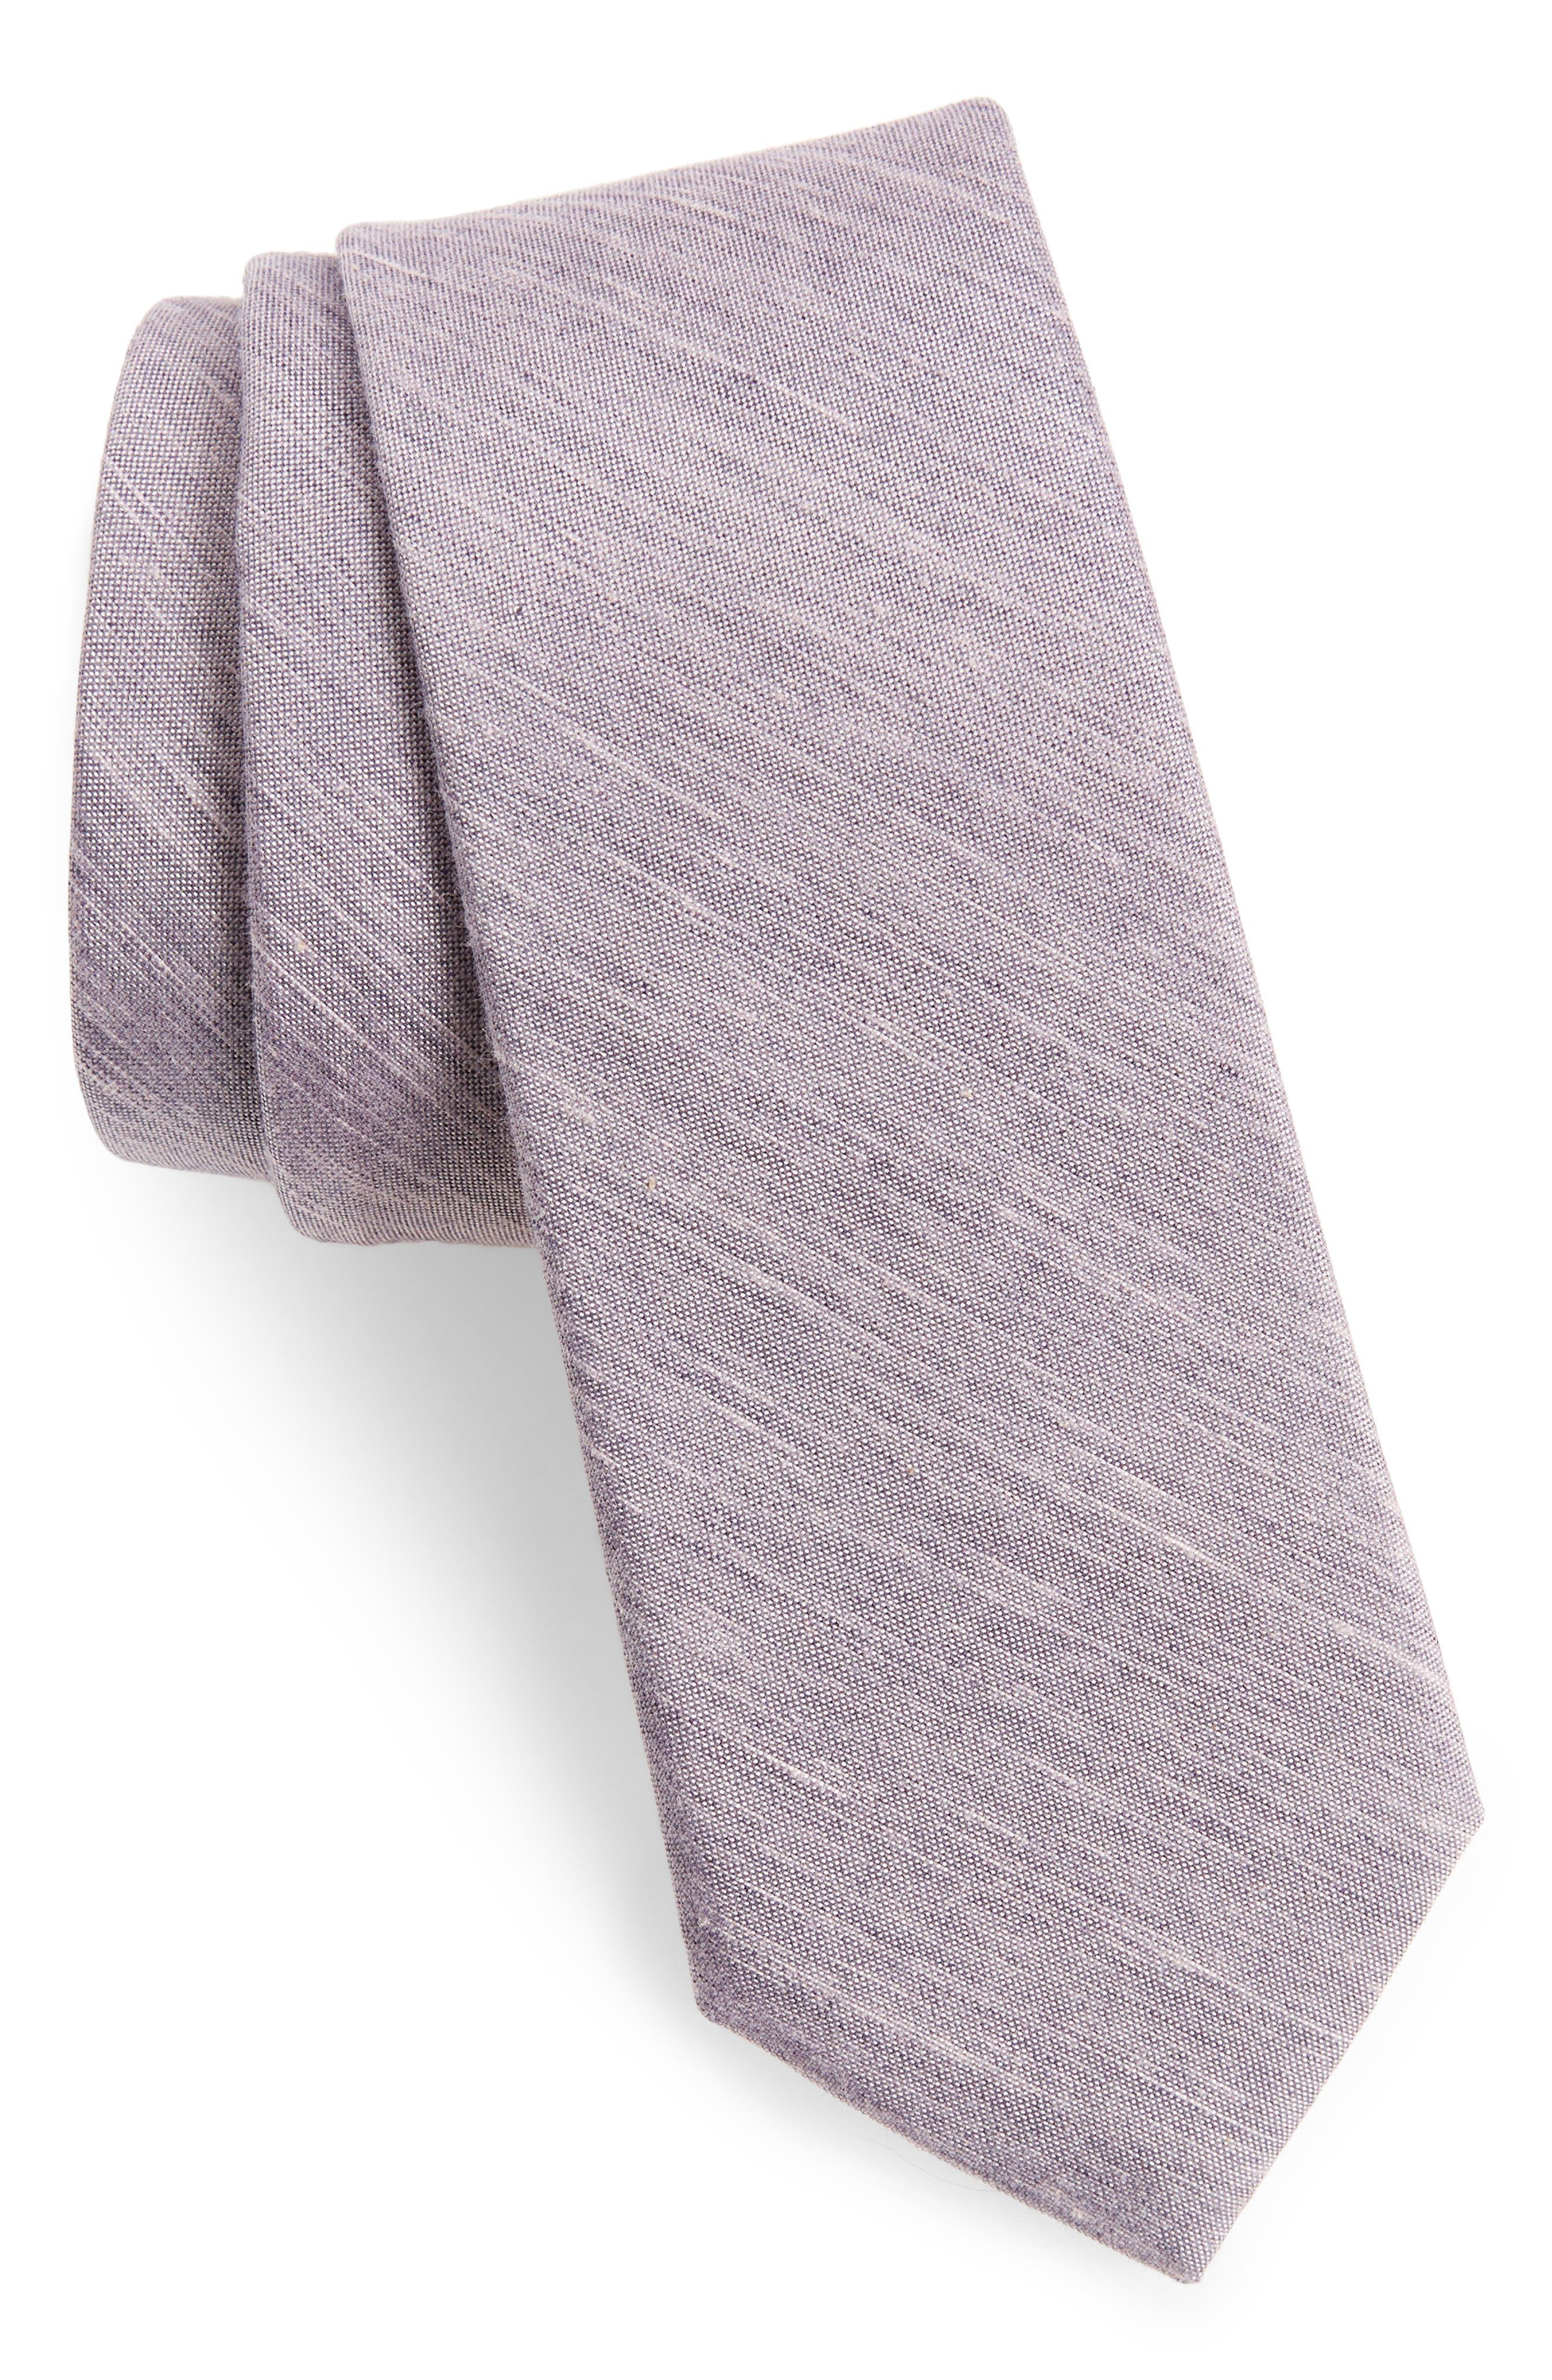 Marcus Solid Cotton Blend Tie,                             Main thumbnail 1, color,                             020